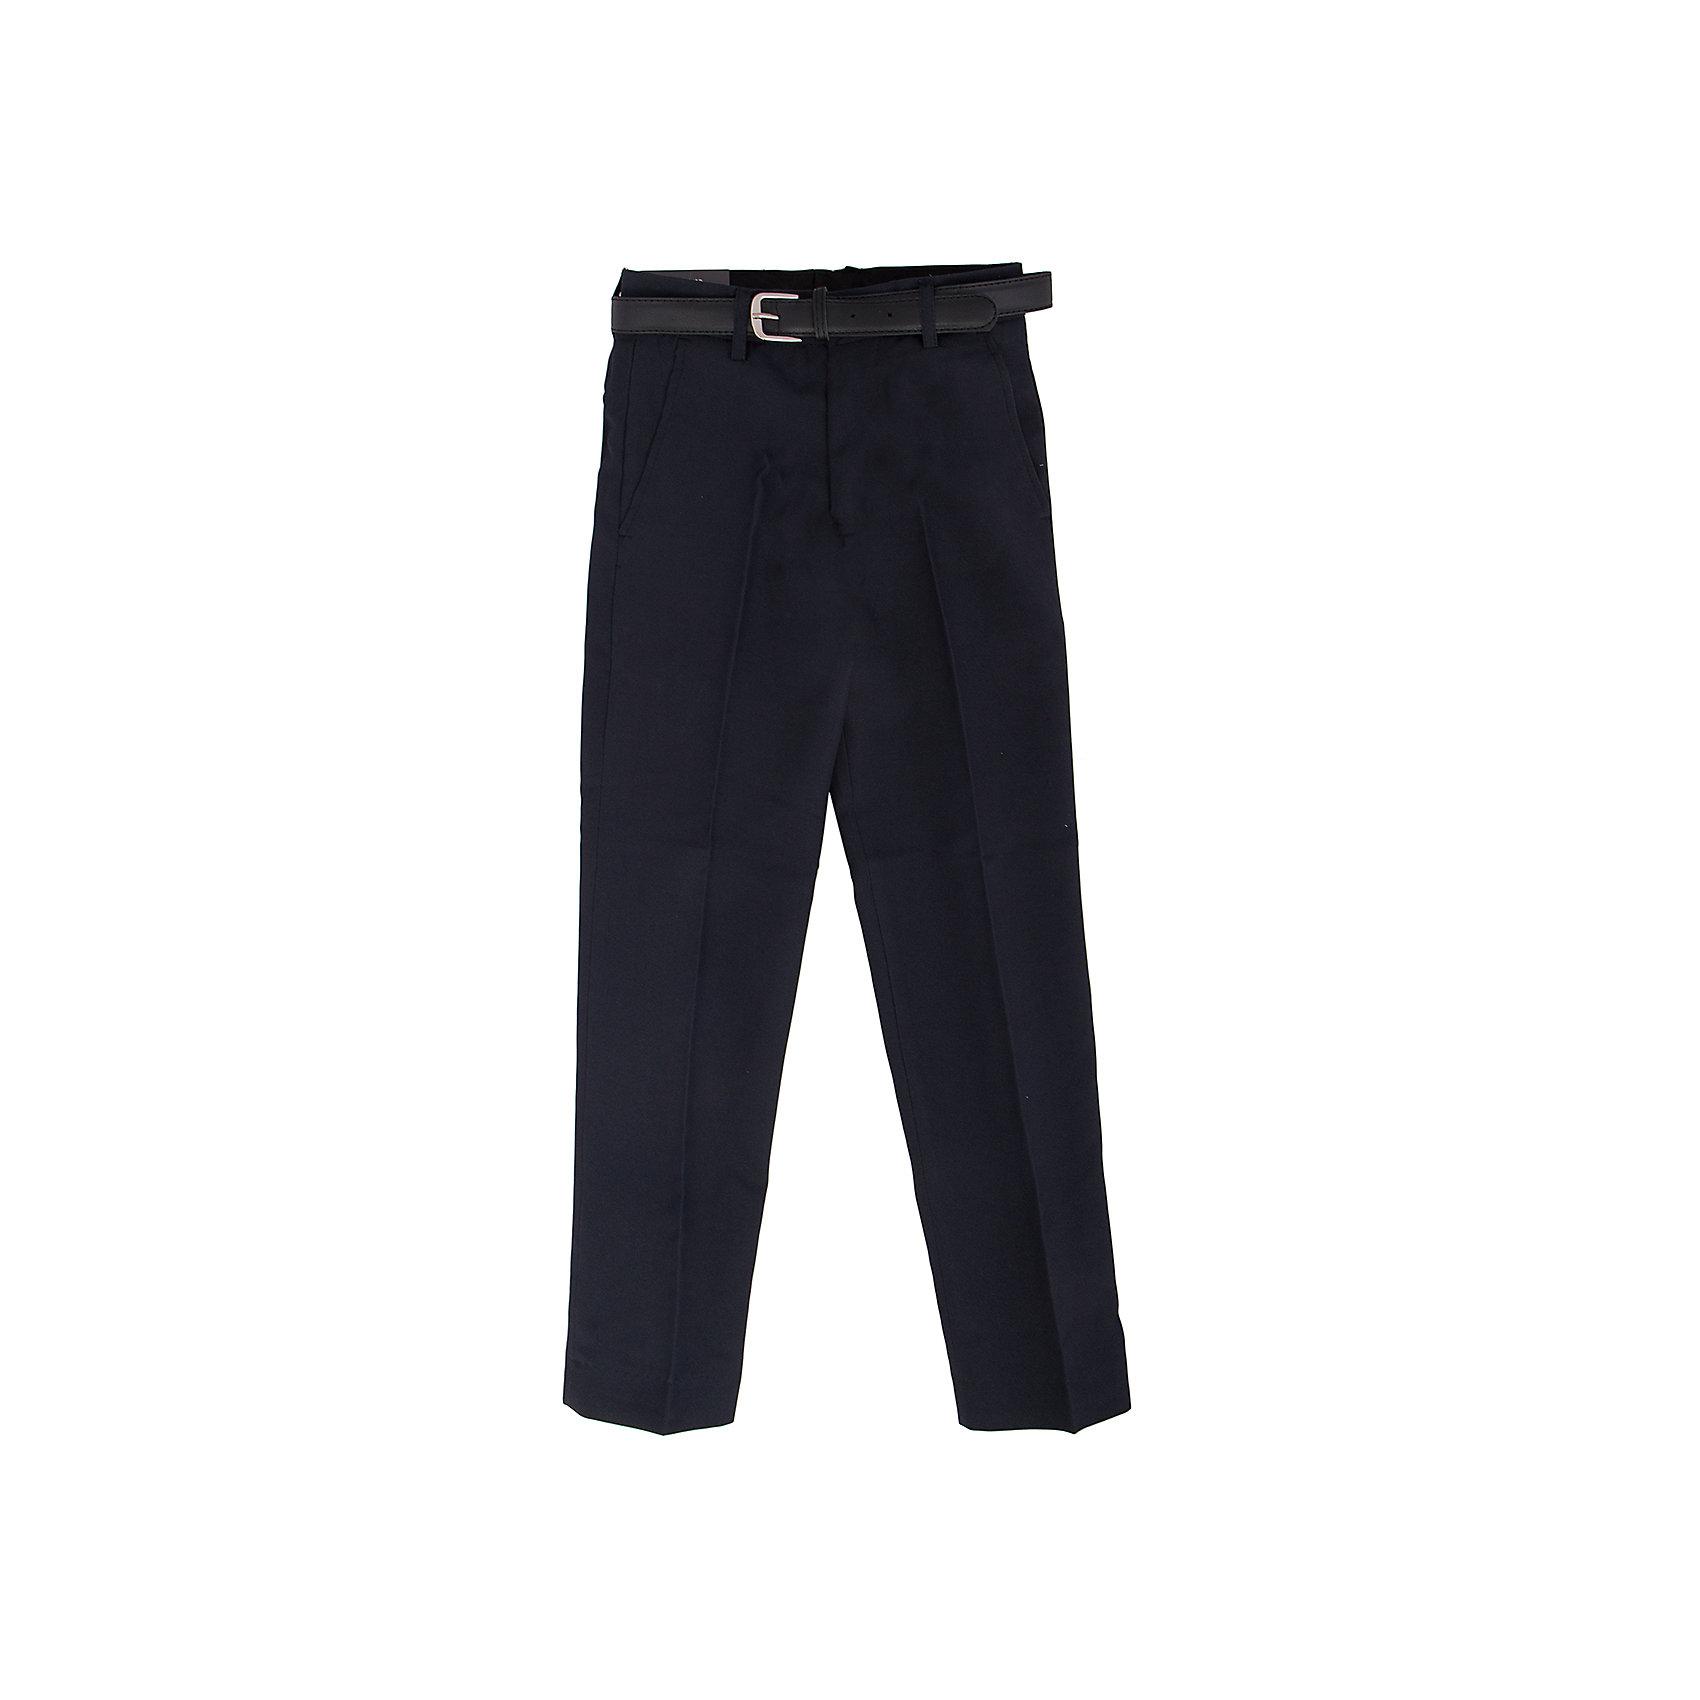 Брюки для мальчика ImperatorБрюки<br>Удобные свободные брюки - хороший вариант на каждый день. Состав 60% вискоза, 40% п/э<br><br>Ширина мм: 215<br>Глубина мм: 88<br>Высота мм: 191<br>Вес г: 336<br>Цвет: синий<br>Возраст от месяцев: 156<br>Возраст до месяцев: 168<br>Пол: Мужской<br>Возраст: Детский<br>Размер: 164,128,134,146,152,158<br>SKU: 4749261